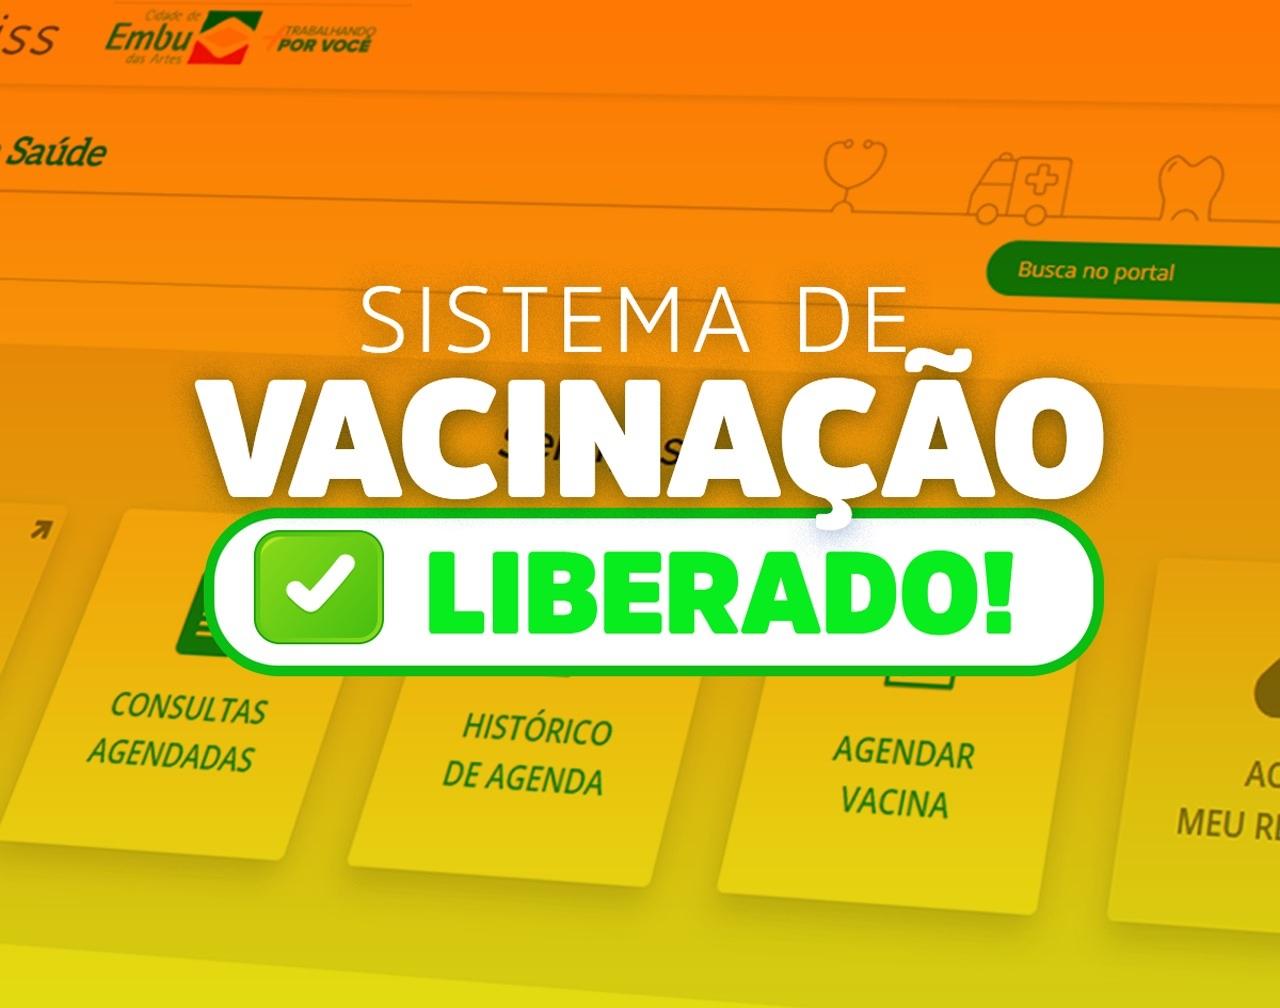 Foto - Realize agendamento e cadastro para a vacina contra a Covid-19 aqui